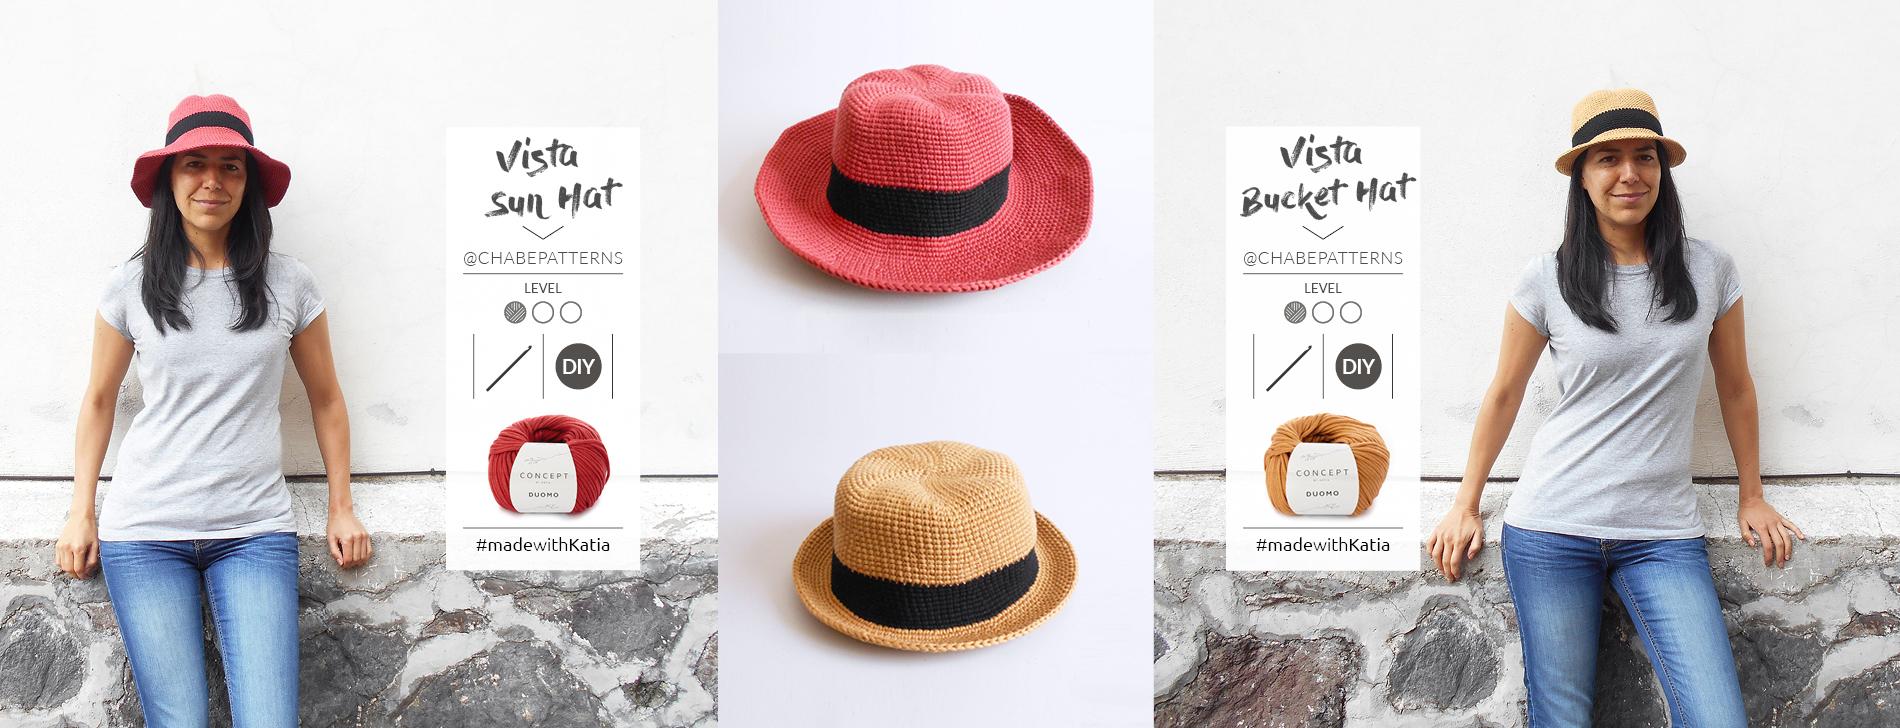 Cómo hacer un sombrero a ganchillo